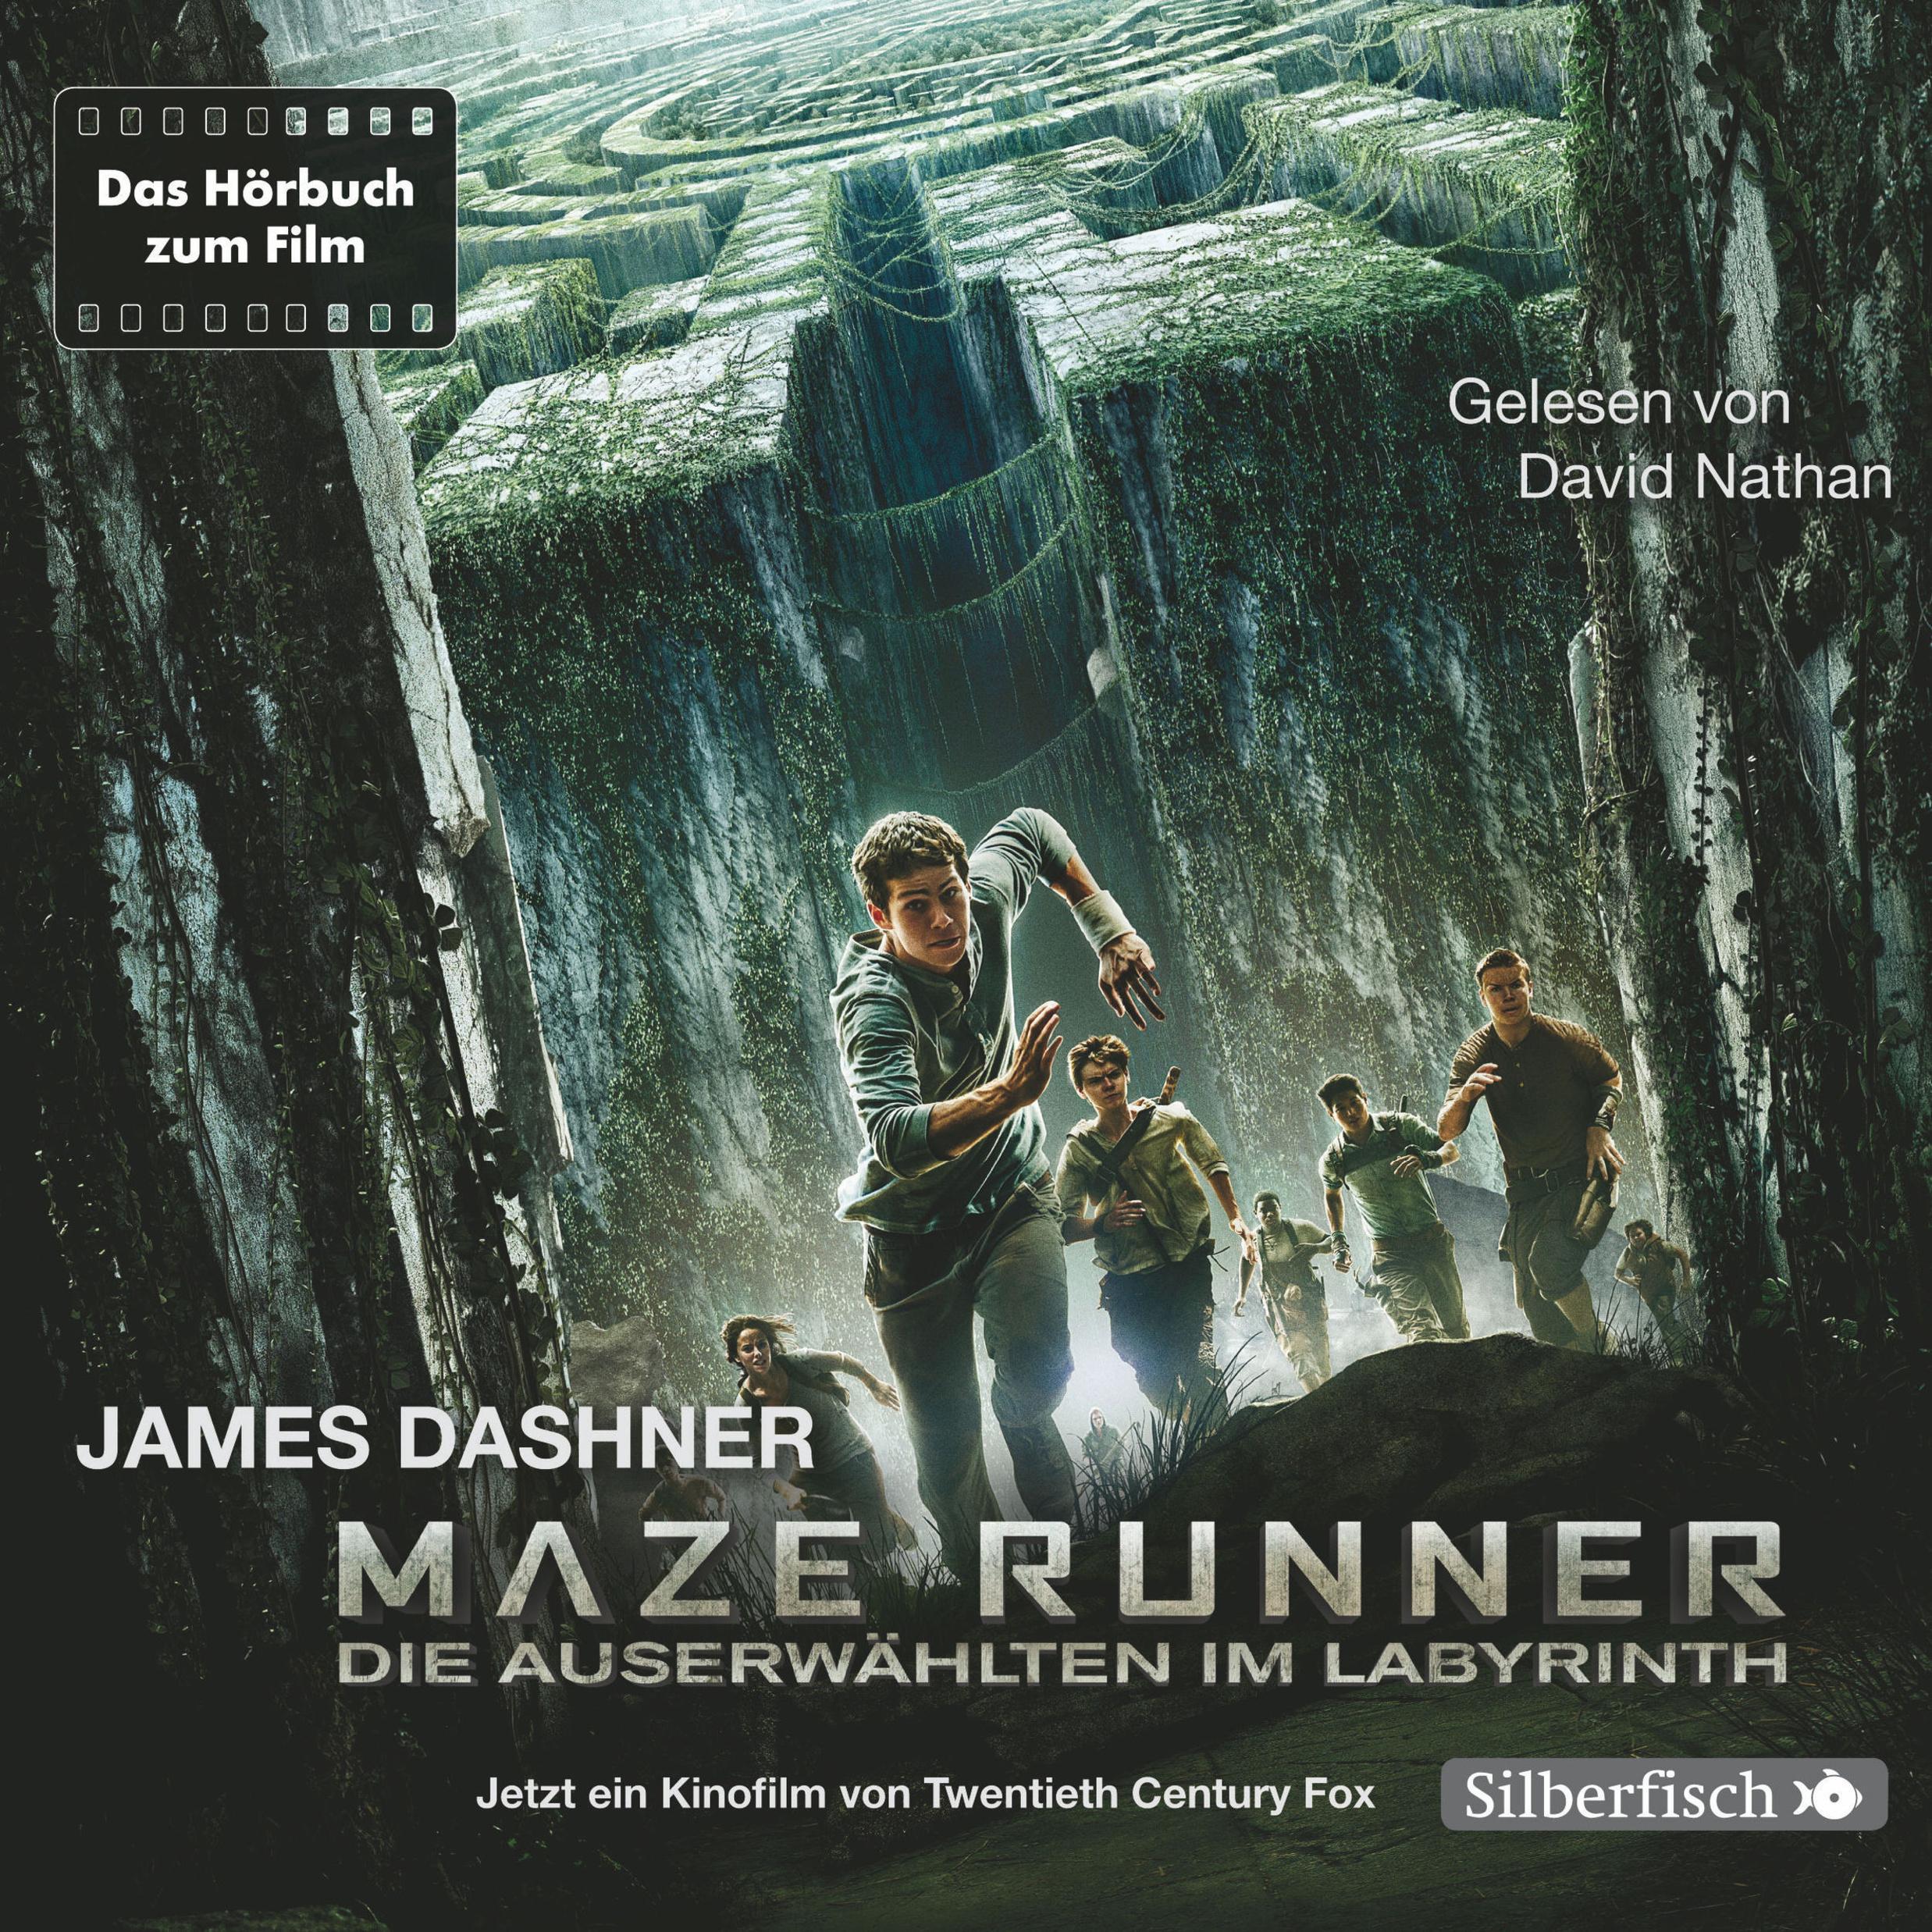 Die Auserwählten   20   Maze Runner   Im Labyrinth